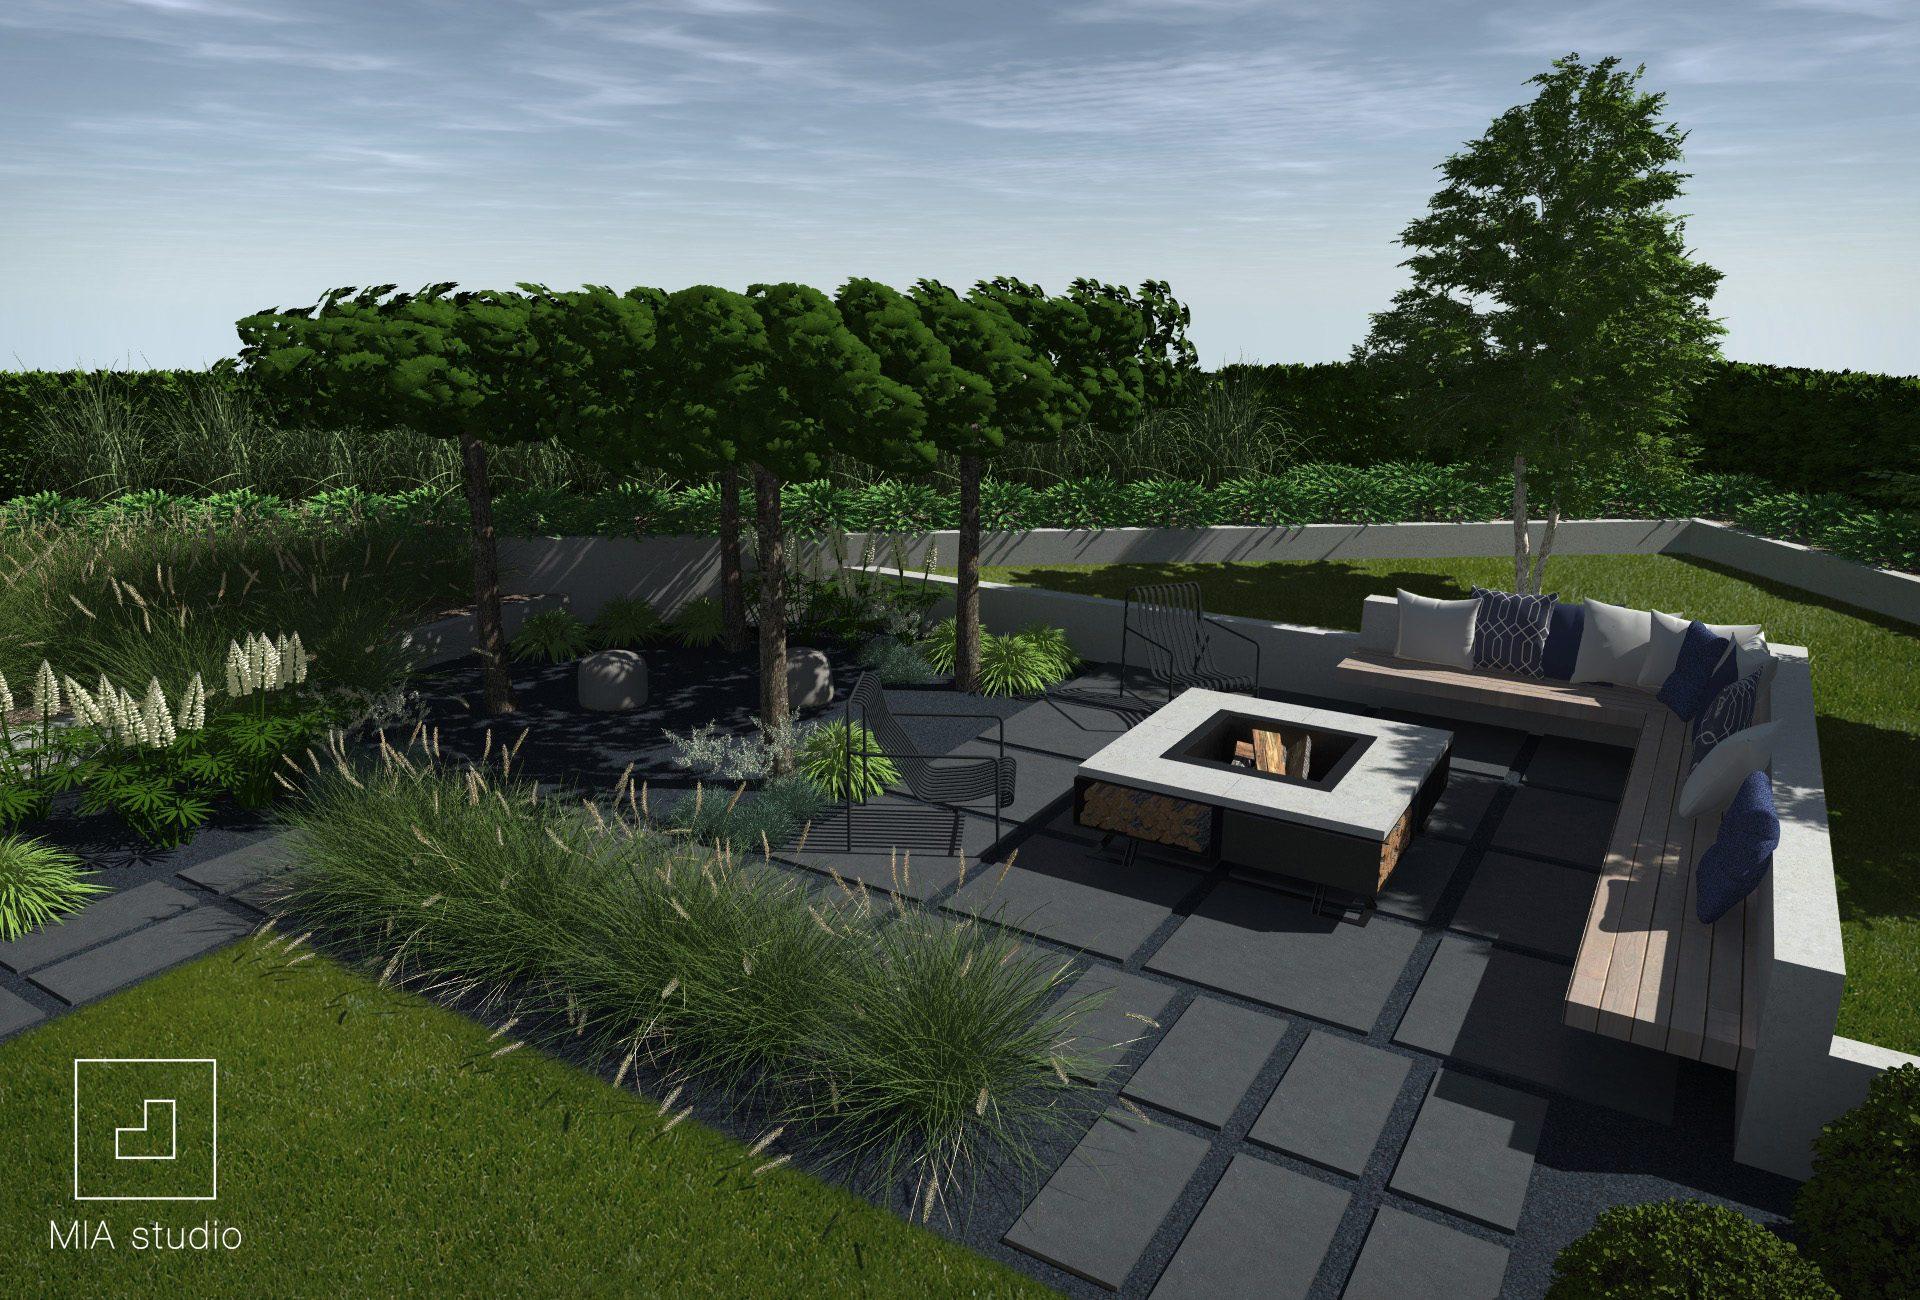 ogród z drewnianymi ławkami i paleniskiem